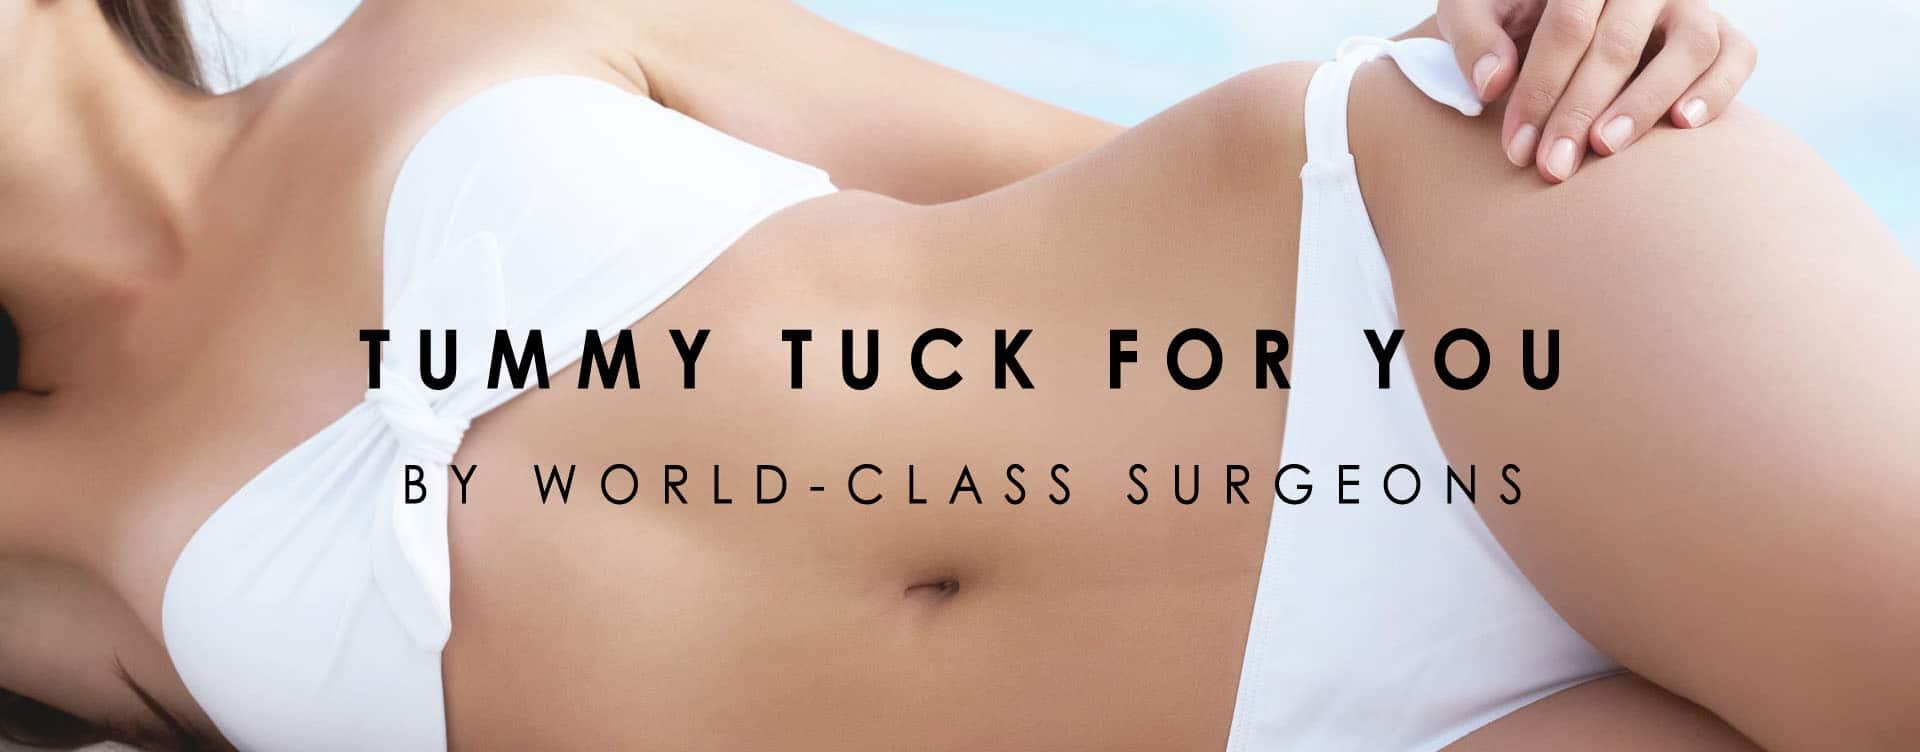 tummy tuck surgeons, tummy tuck